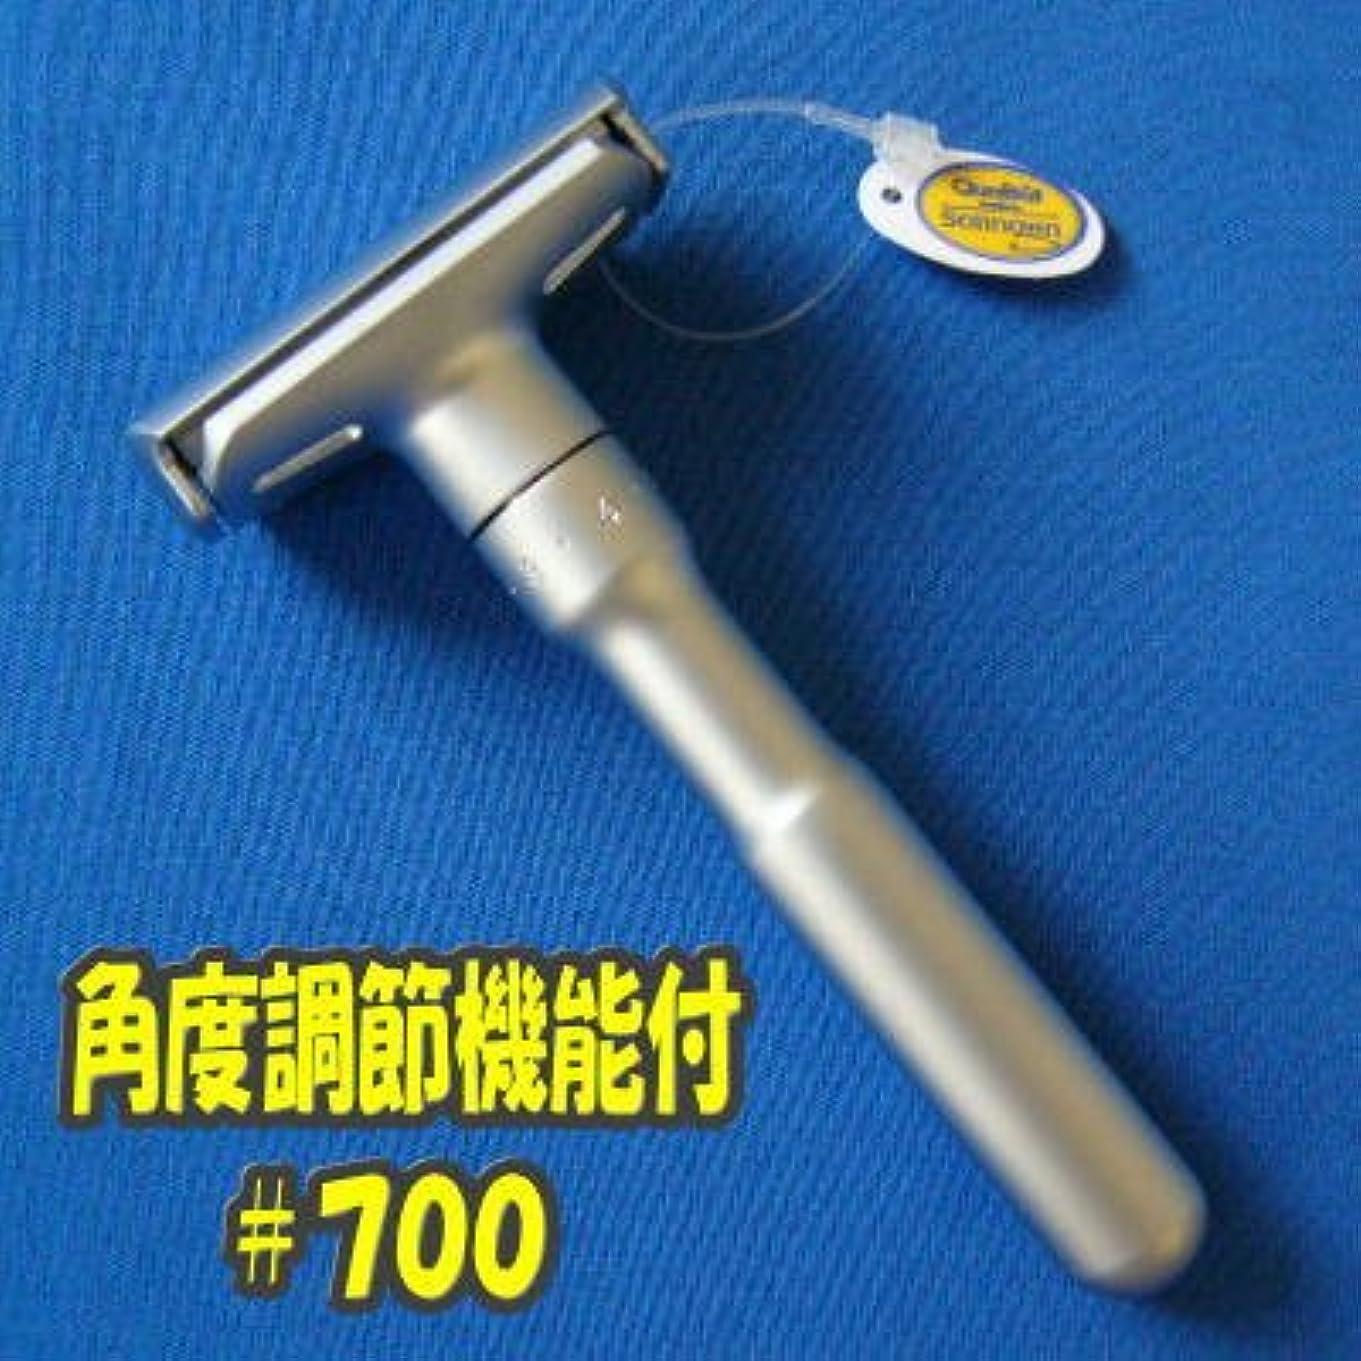 完璧な不測の事態差し迫ったメルクール髭剃り(ひげそり)700 FUTUR(フューチャー) ツヤ消し(専用革ケース付)